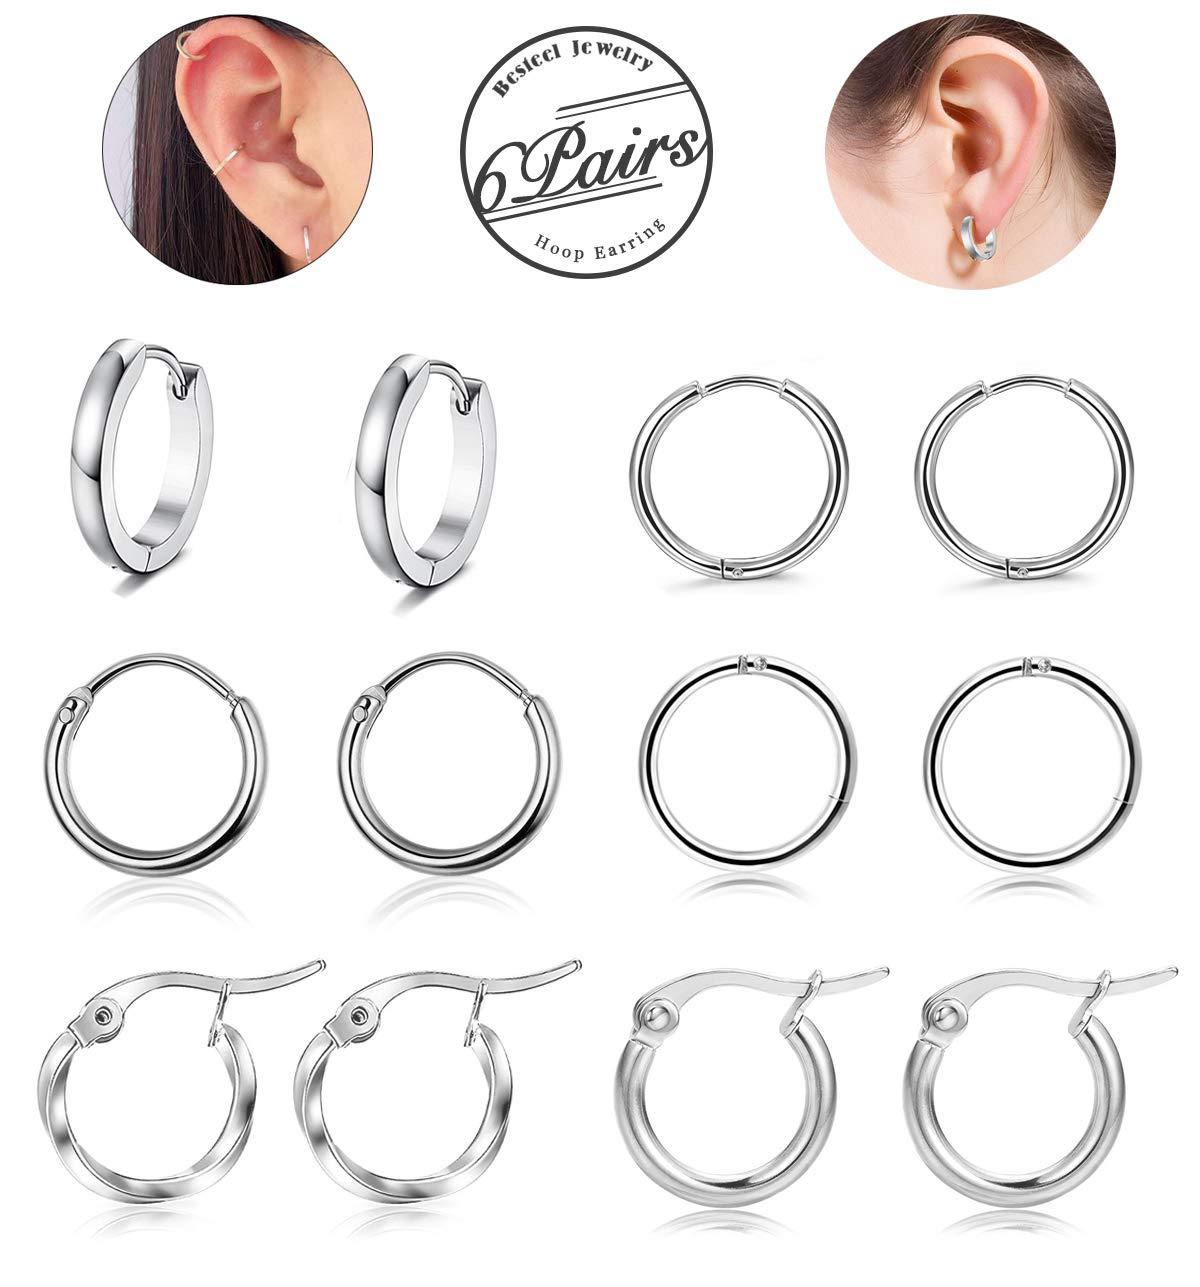 Besteel 6 Pairs Stainless Steel Hoop Huggie Earrings for Women Men Cartilage Earring Set